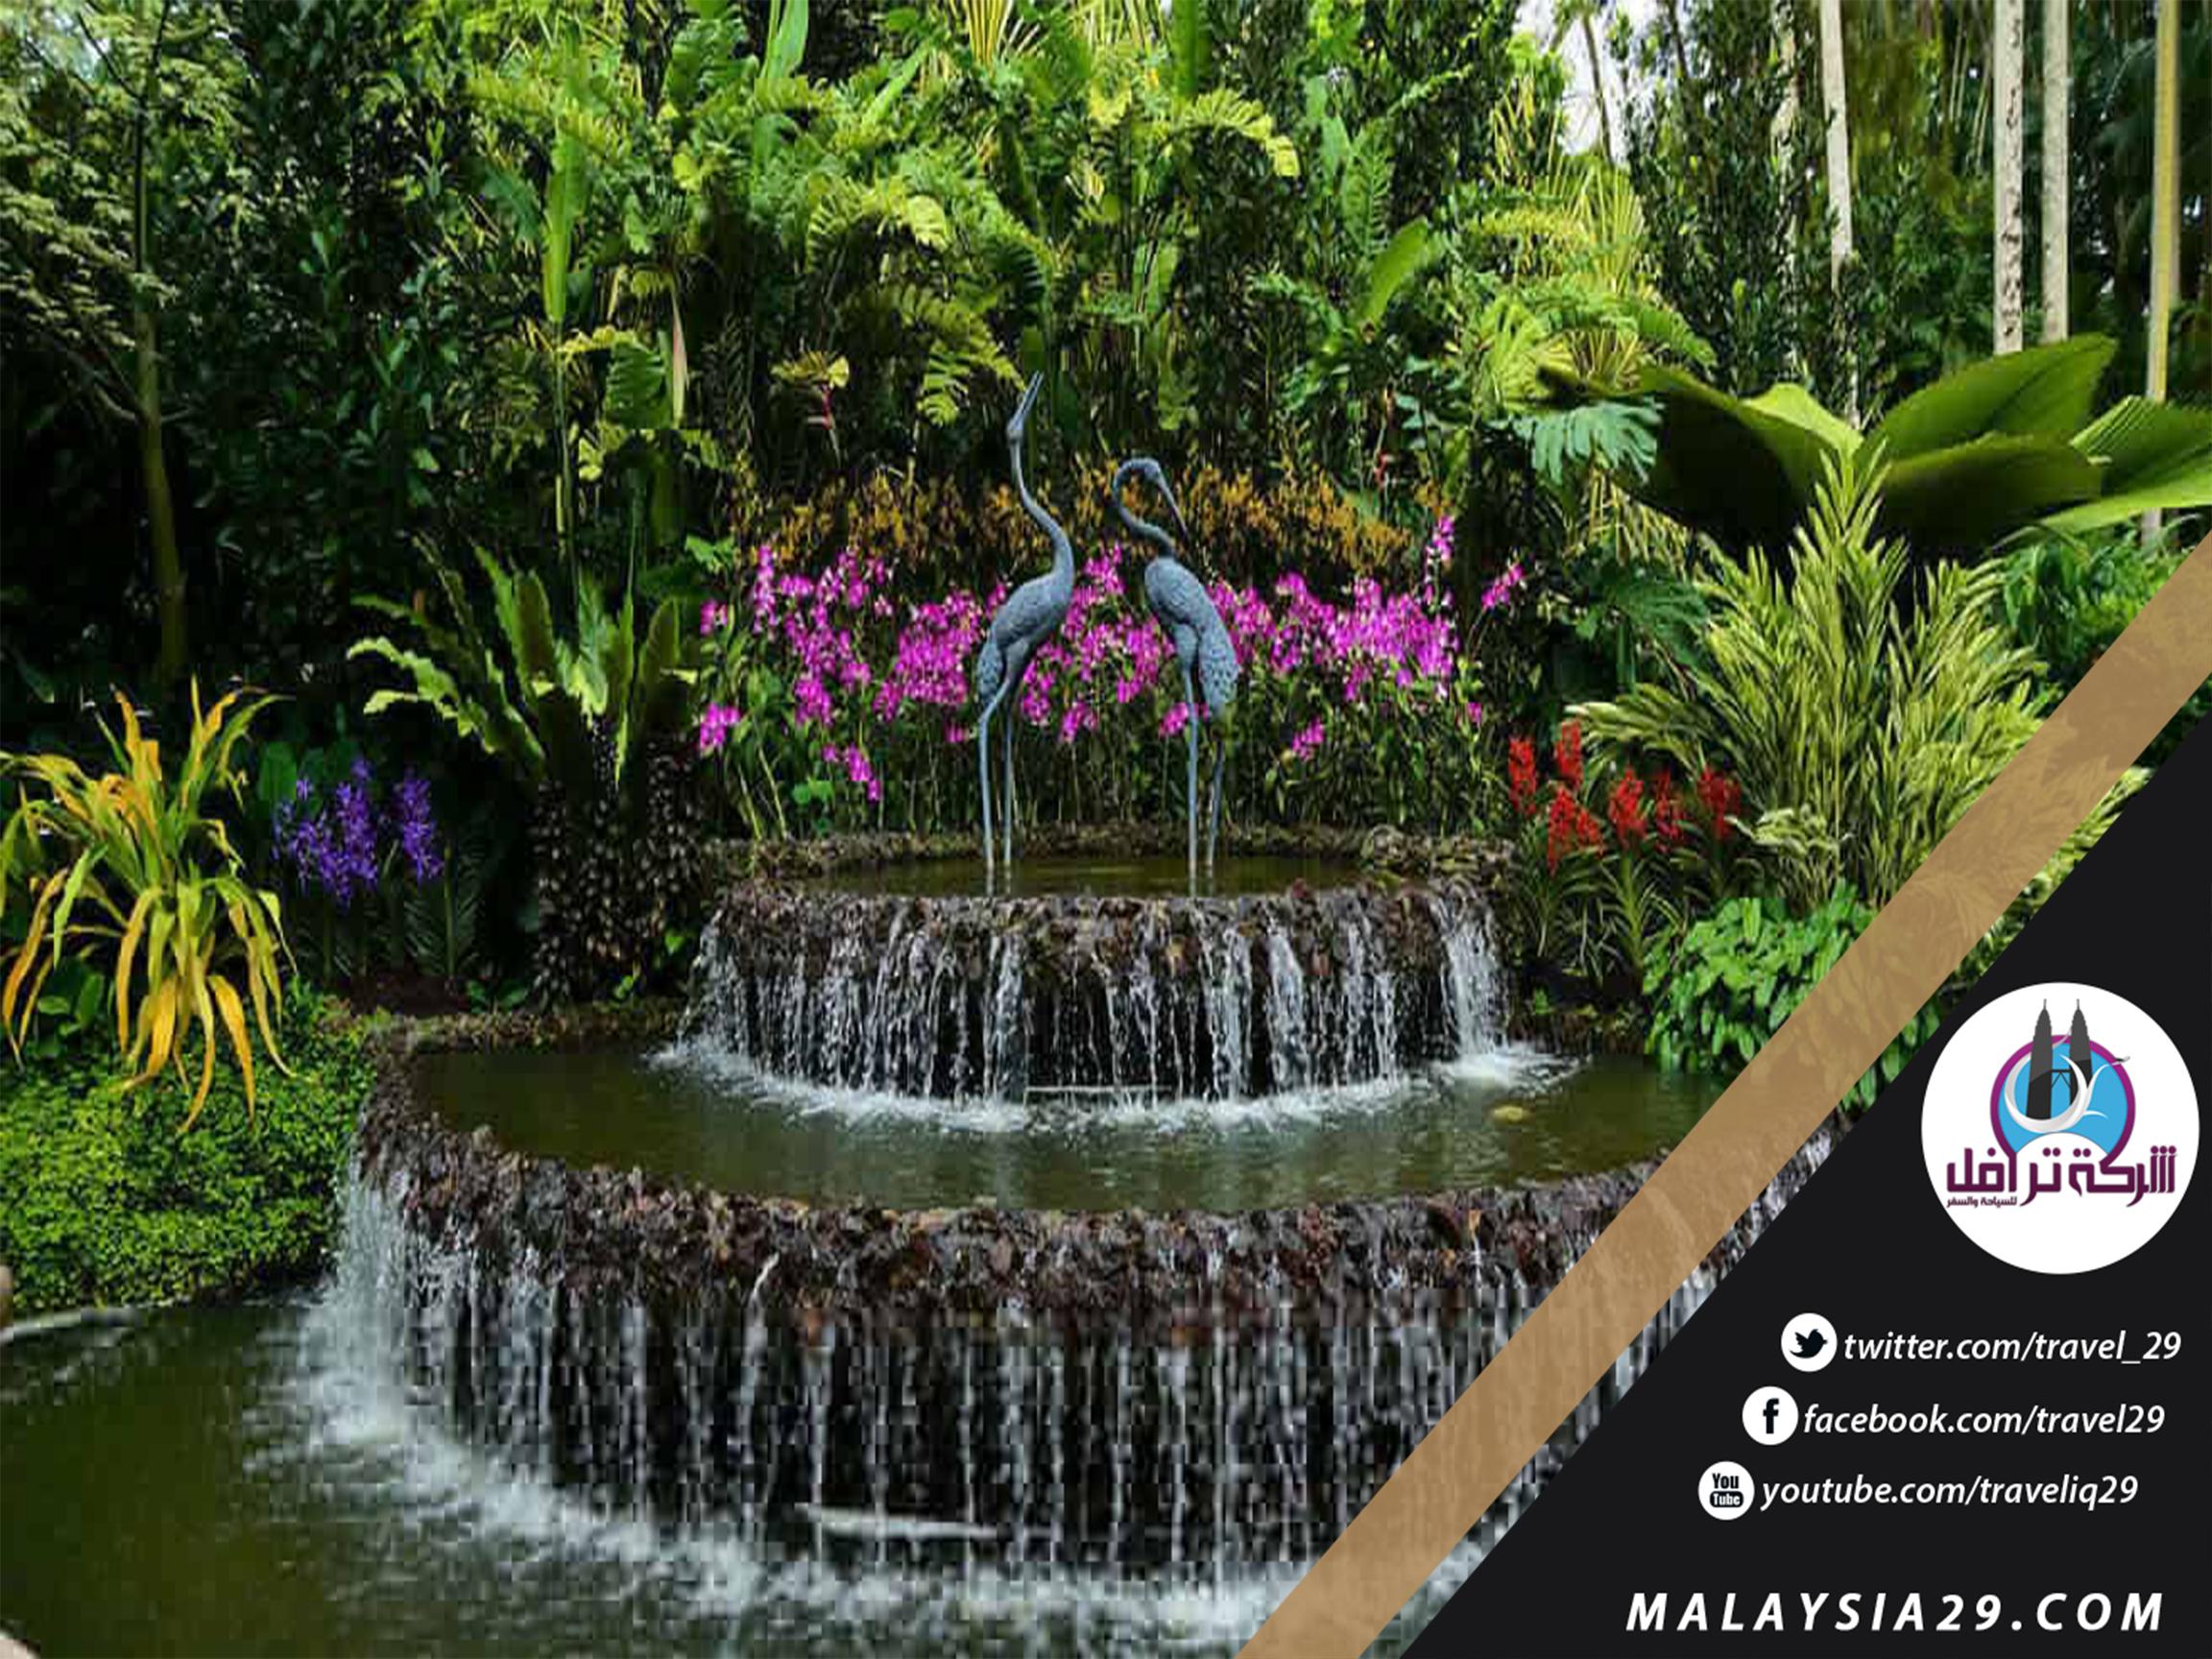 أفضل 7 أنشطة في حديقة سنغافورة النباتية